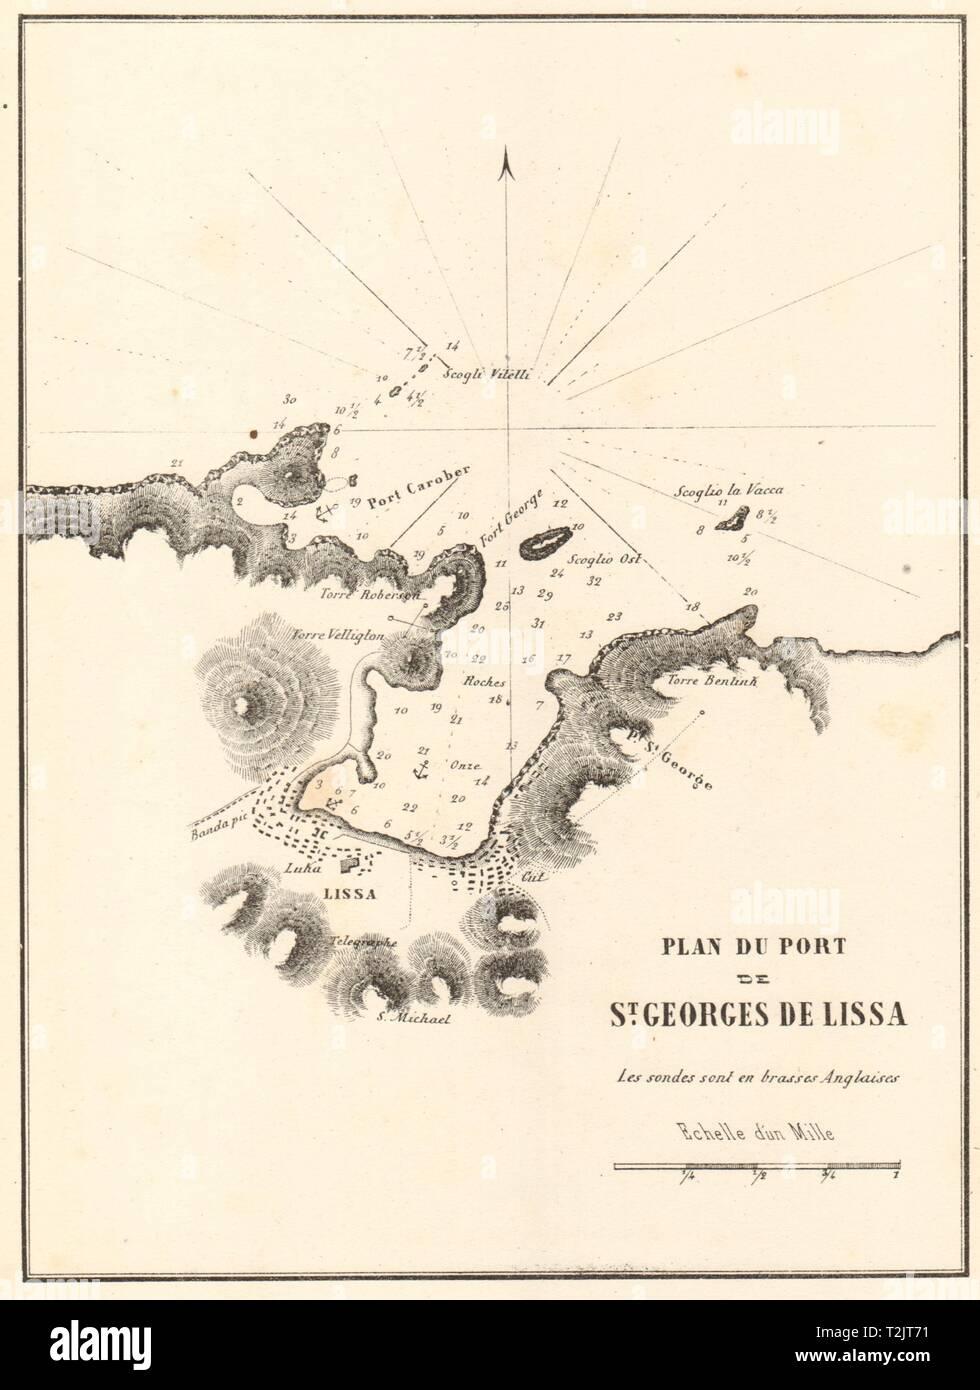 Vis town. 'Plan du Port de St Georges de Lissa'. Croatia. GAUTTIER 1854 map Stock Photo